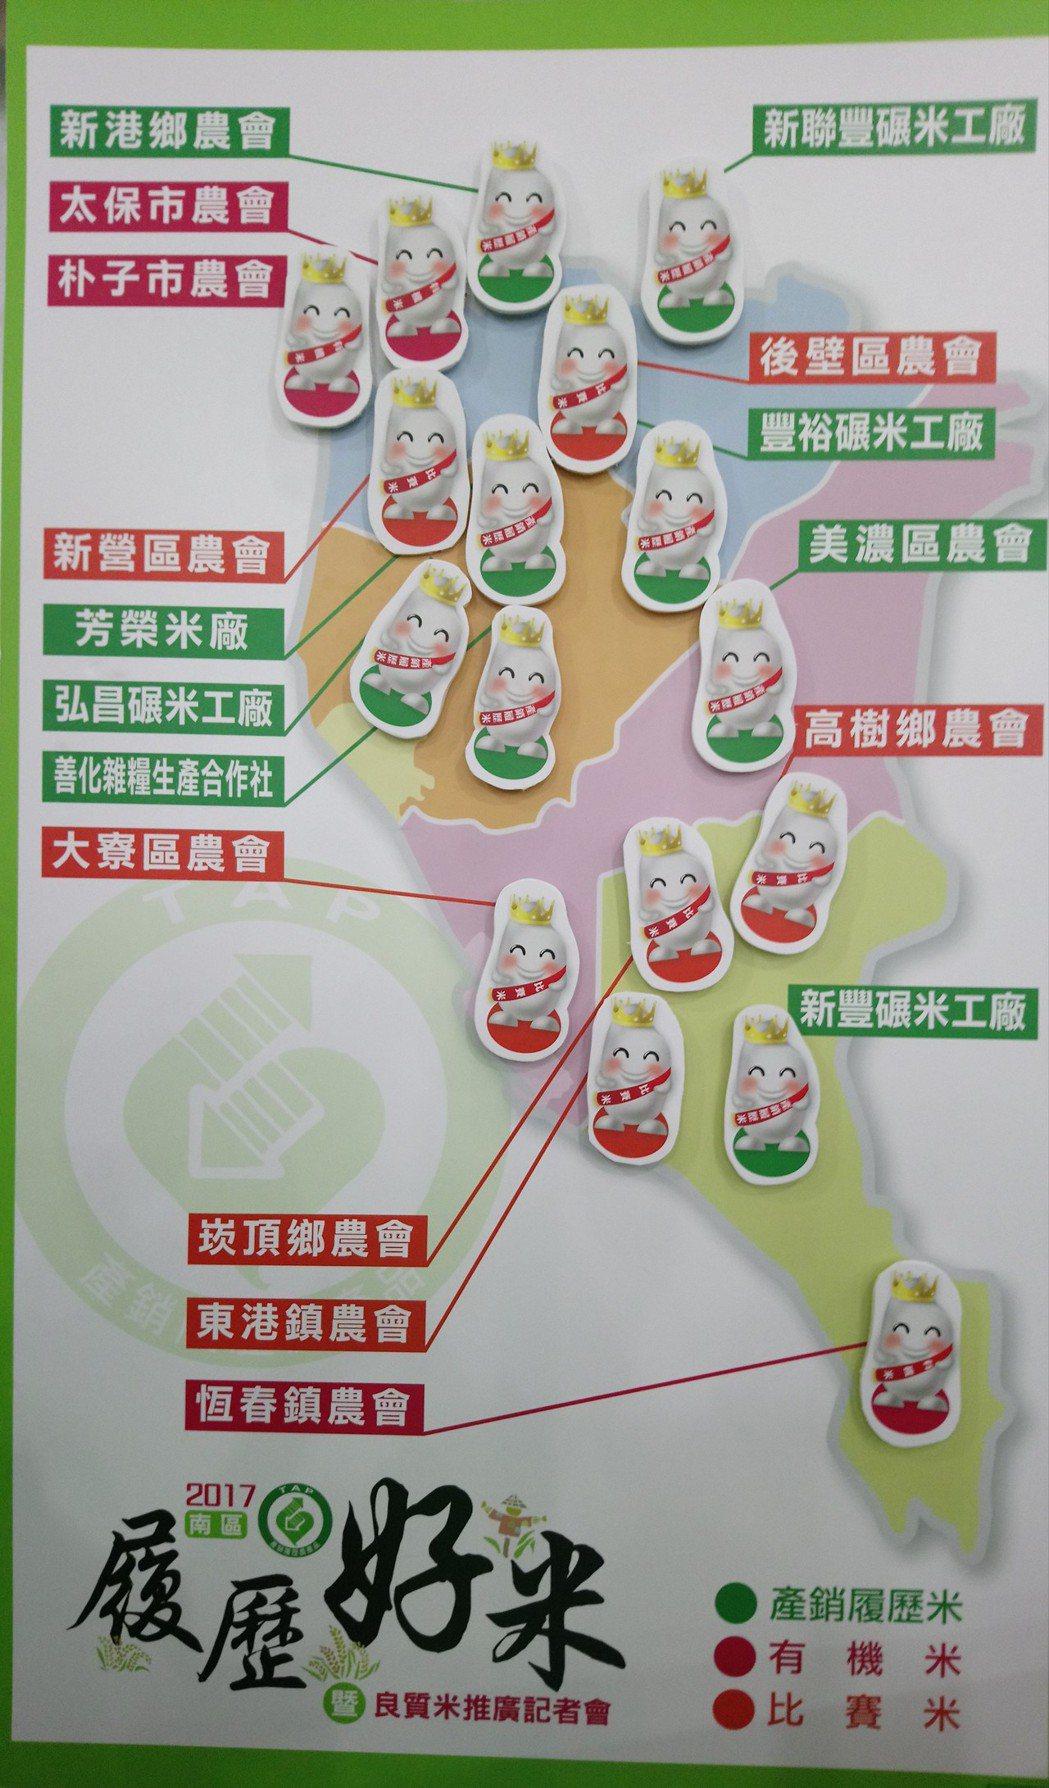 農糧署南區分署並將得獎、履歷米,製成南台灣好米藏寶圖,讓民眾看見南台灣處處有好米...